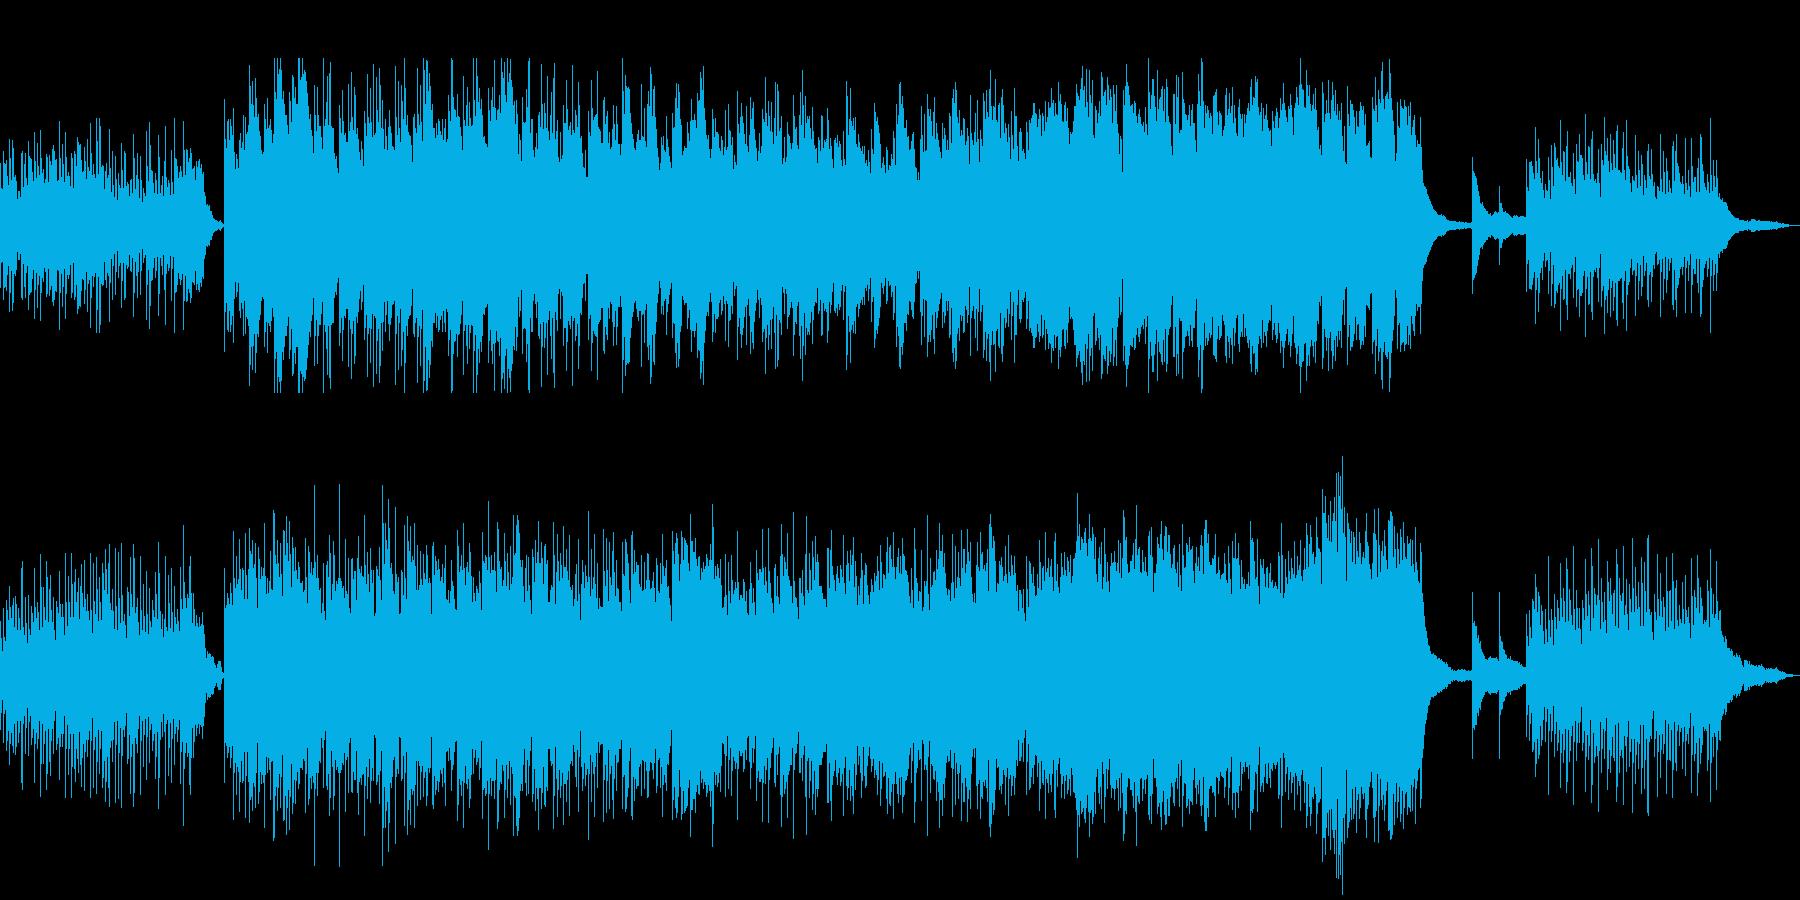 明るさと切なさのあるリアル系ストリングスの再生済みの波形